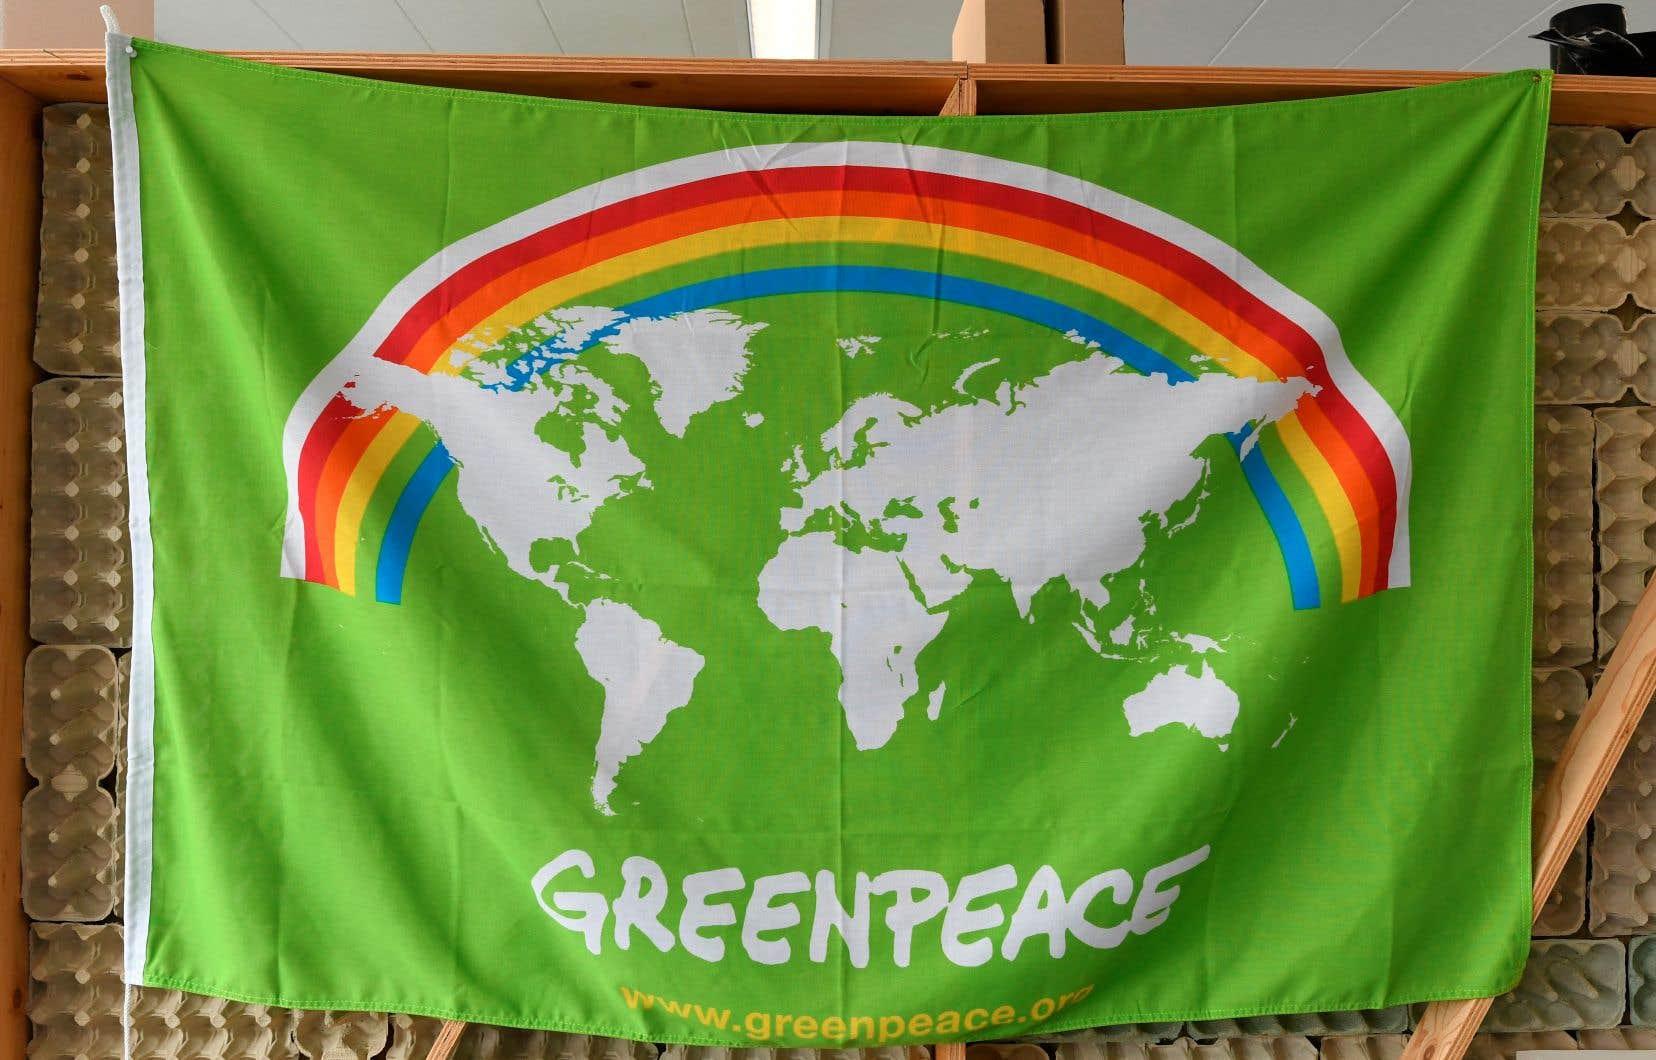 Depuis 50 ans, les messages de Greenpeace ont évolué. La lutte contre le nucléaire est toujours là, mais le combat contre le changement climatique est venu s'ajouter aux priorités.